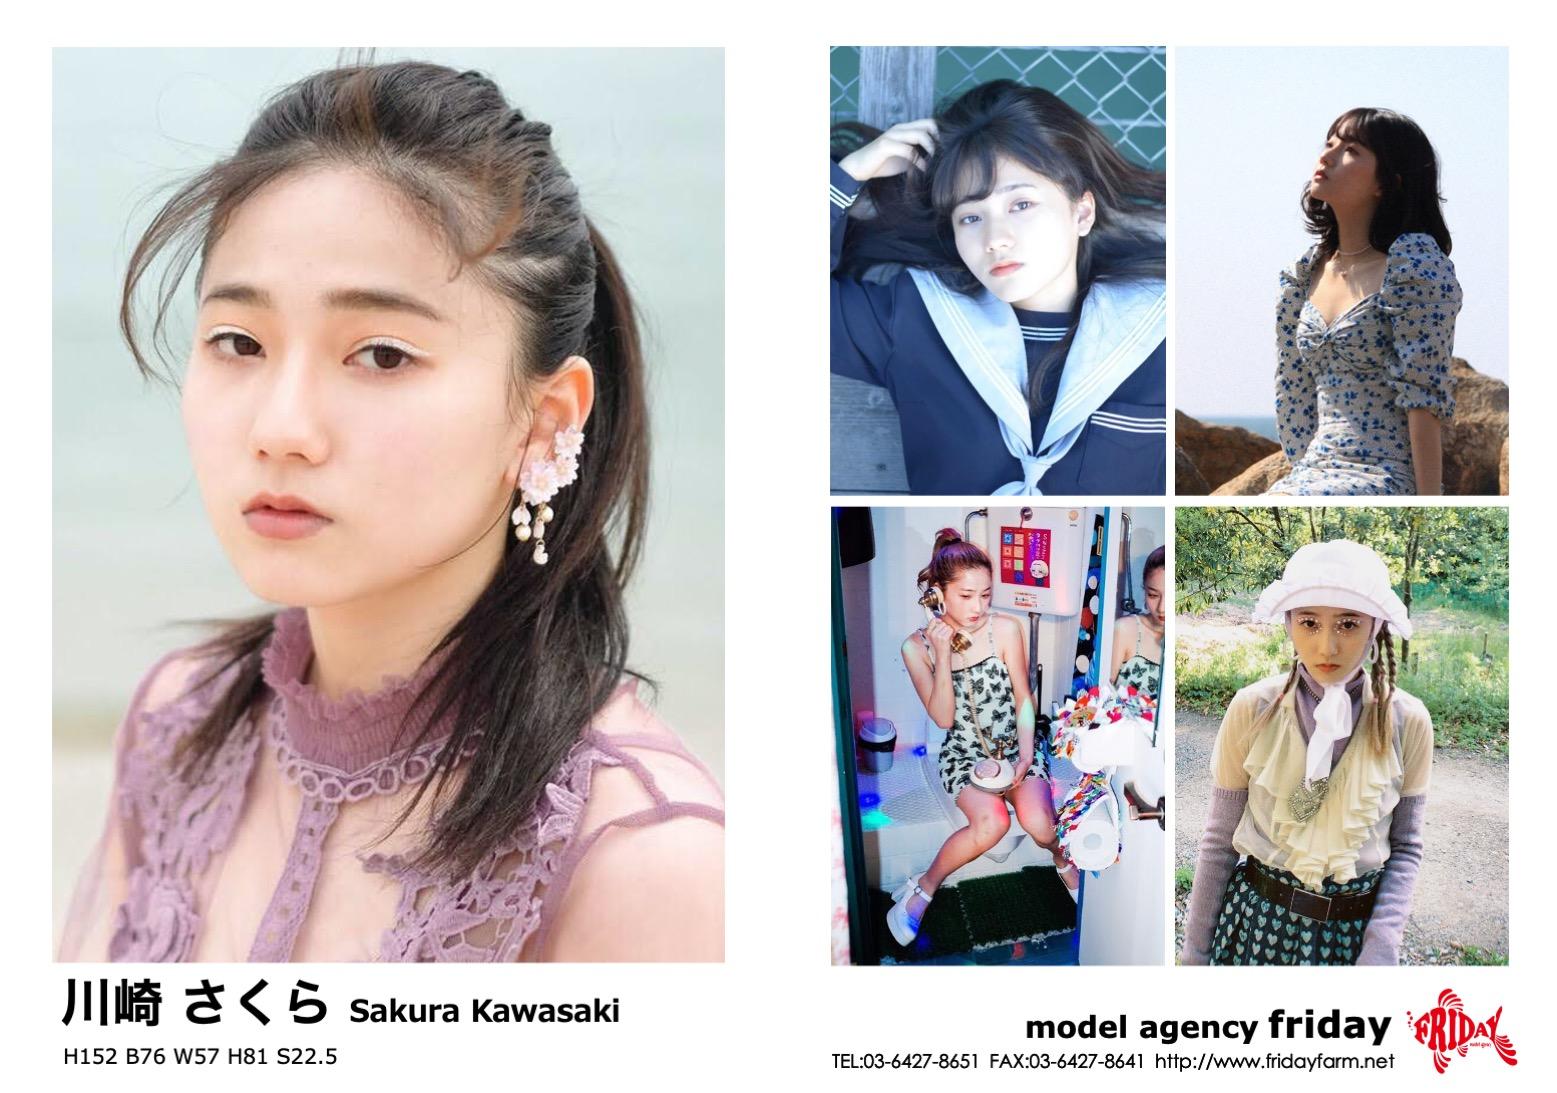 川崎さくら - Sakura Kawasaki   model agency friday